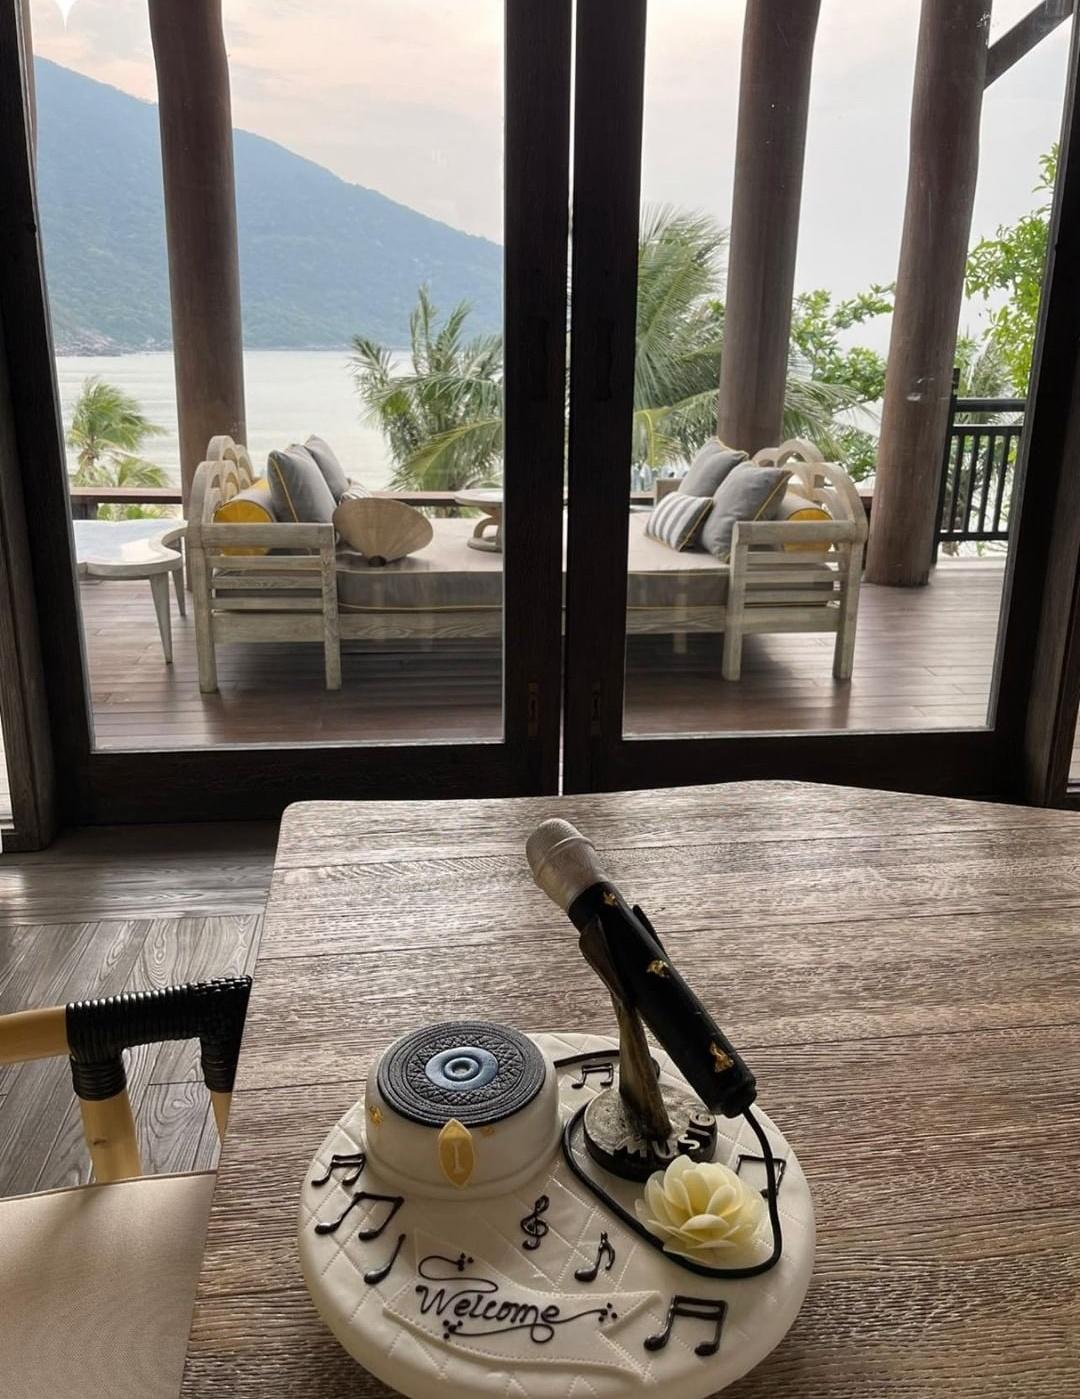 Khu nghỉ tọa lạc trên bán đảo Sơn Trà, nằm biệt lập, rất yên tĩnh. Đôi tình nhân nghỉ trong một villa có ban công nhìn ra đại dương.